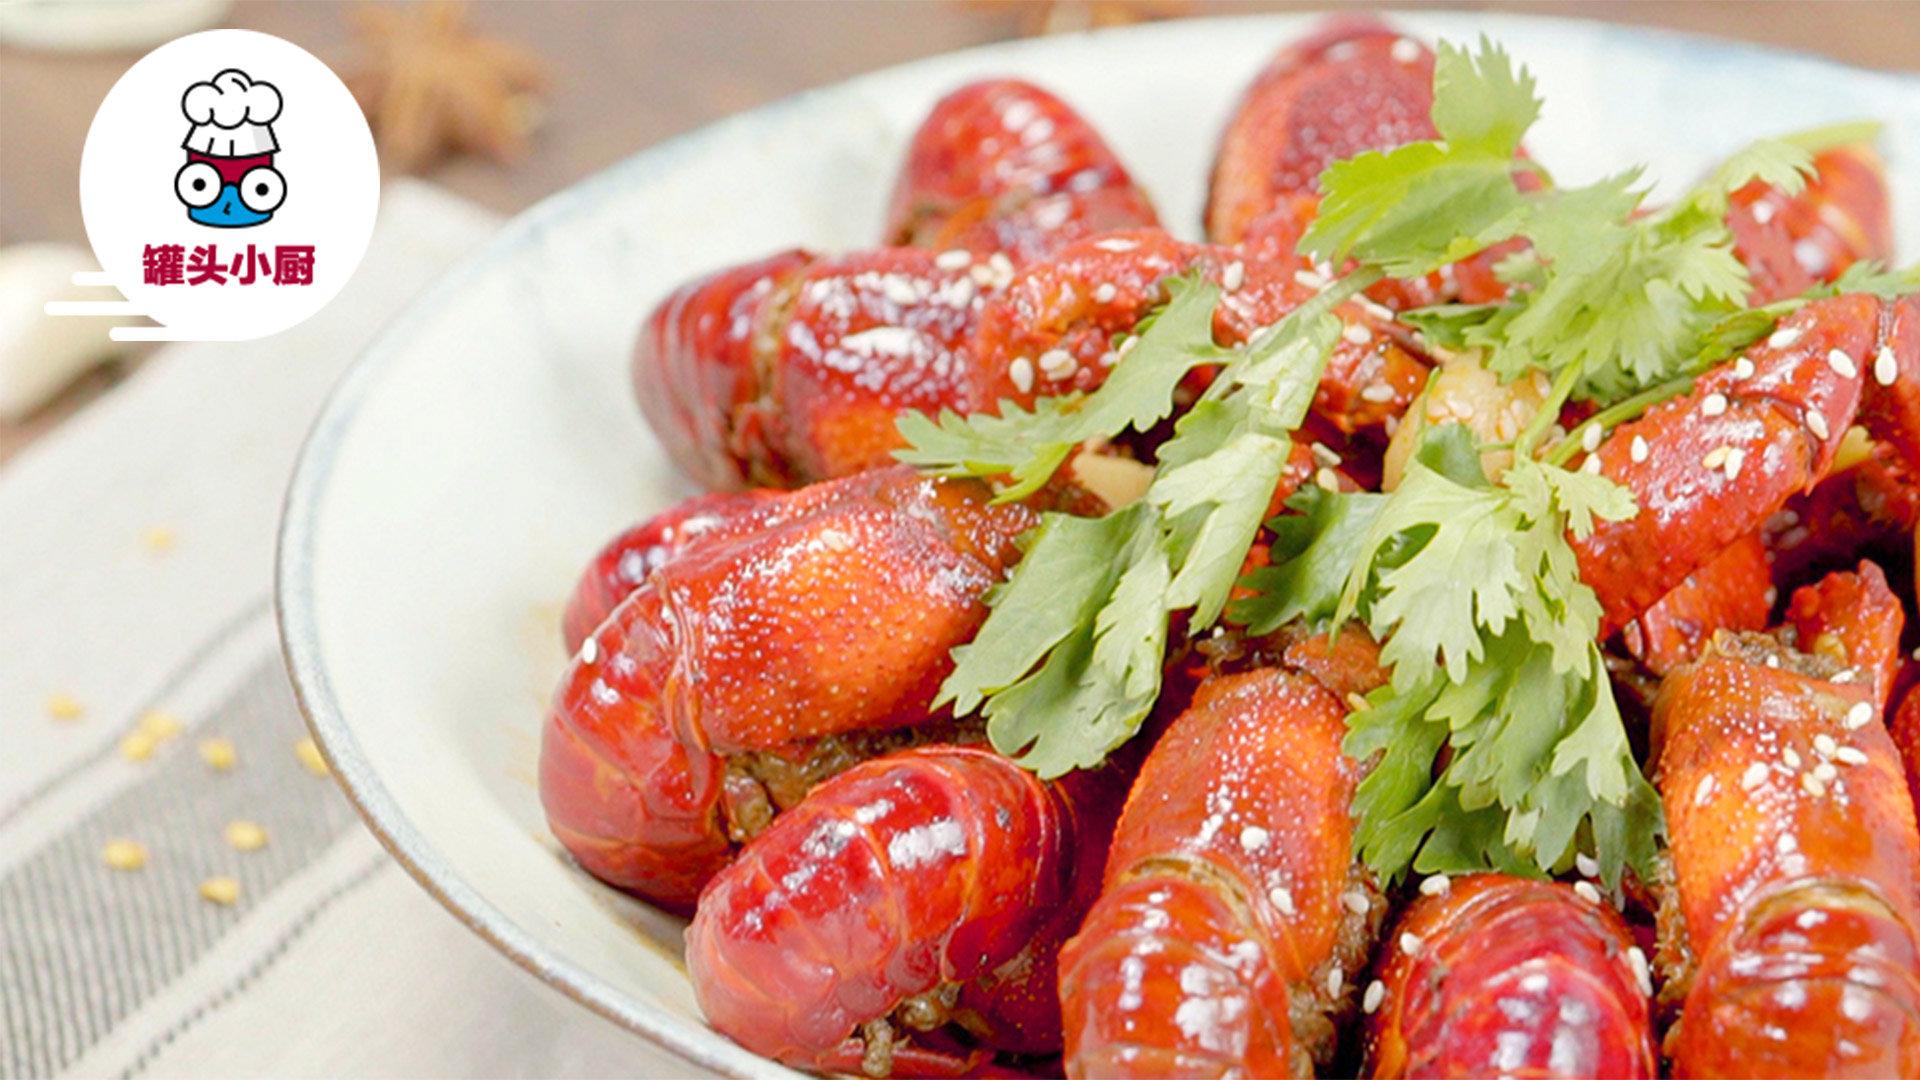 揭秘香辣小龙虾最简单的做法!新手也能做出美食